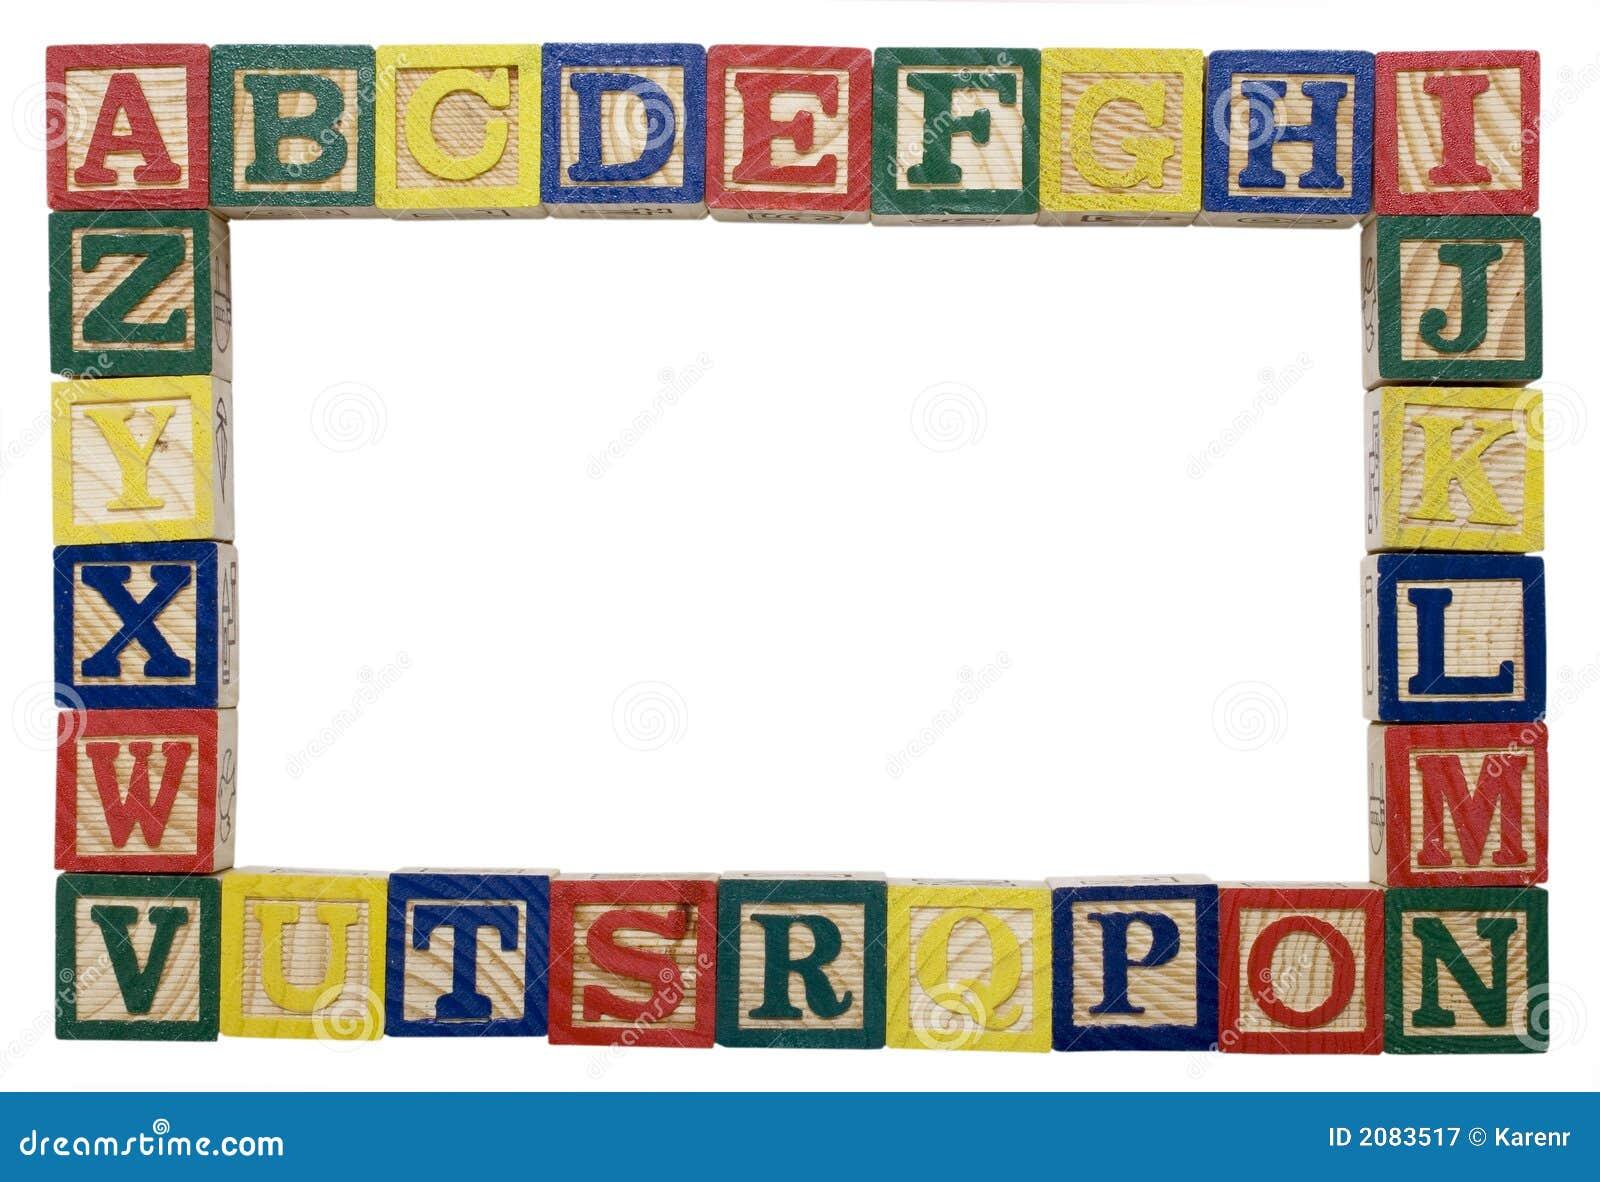 Alphabet Background Royalty Free Stock Photography - Image ...